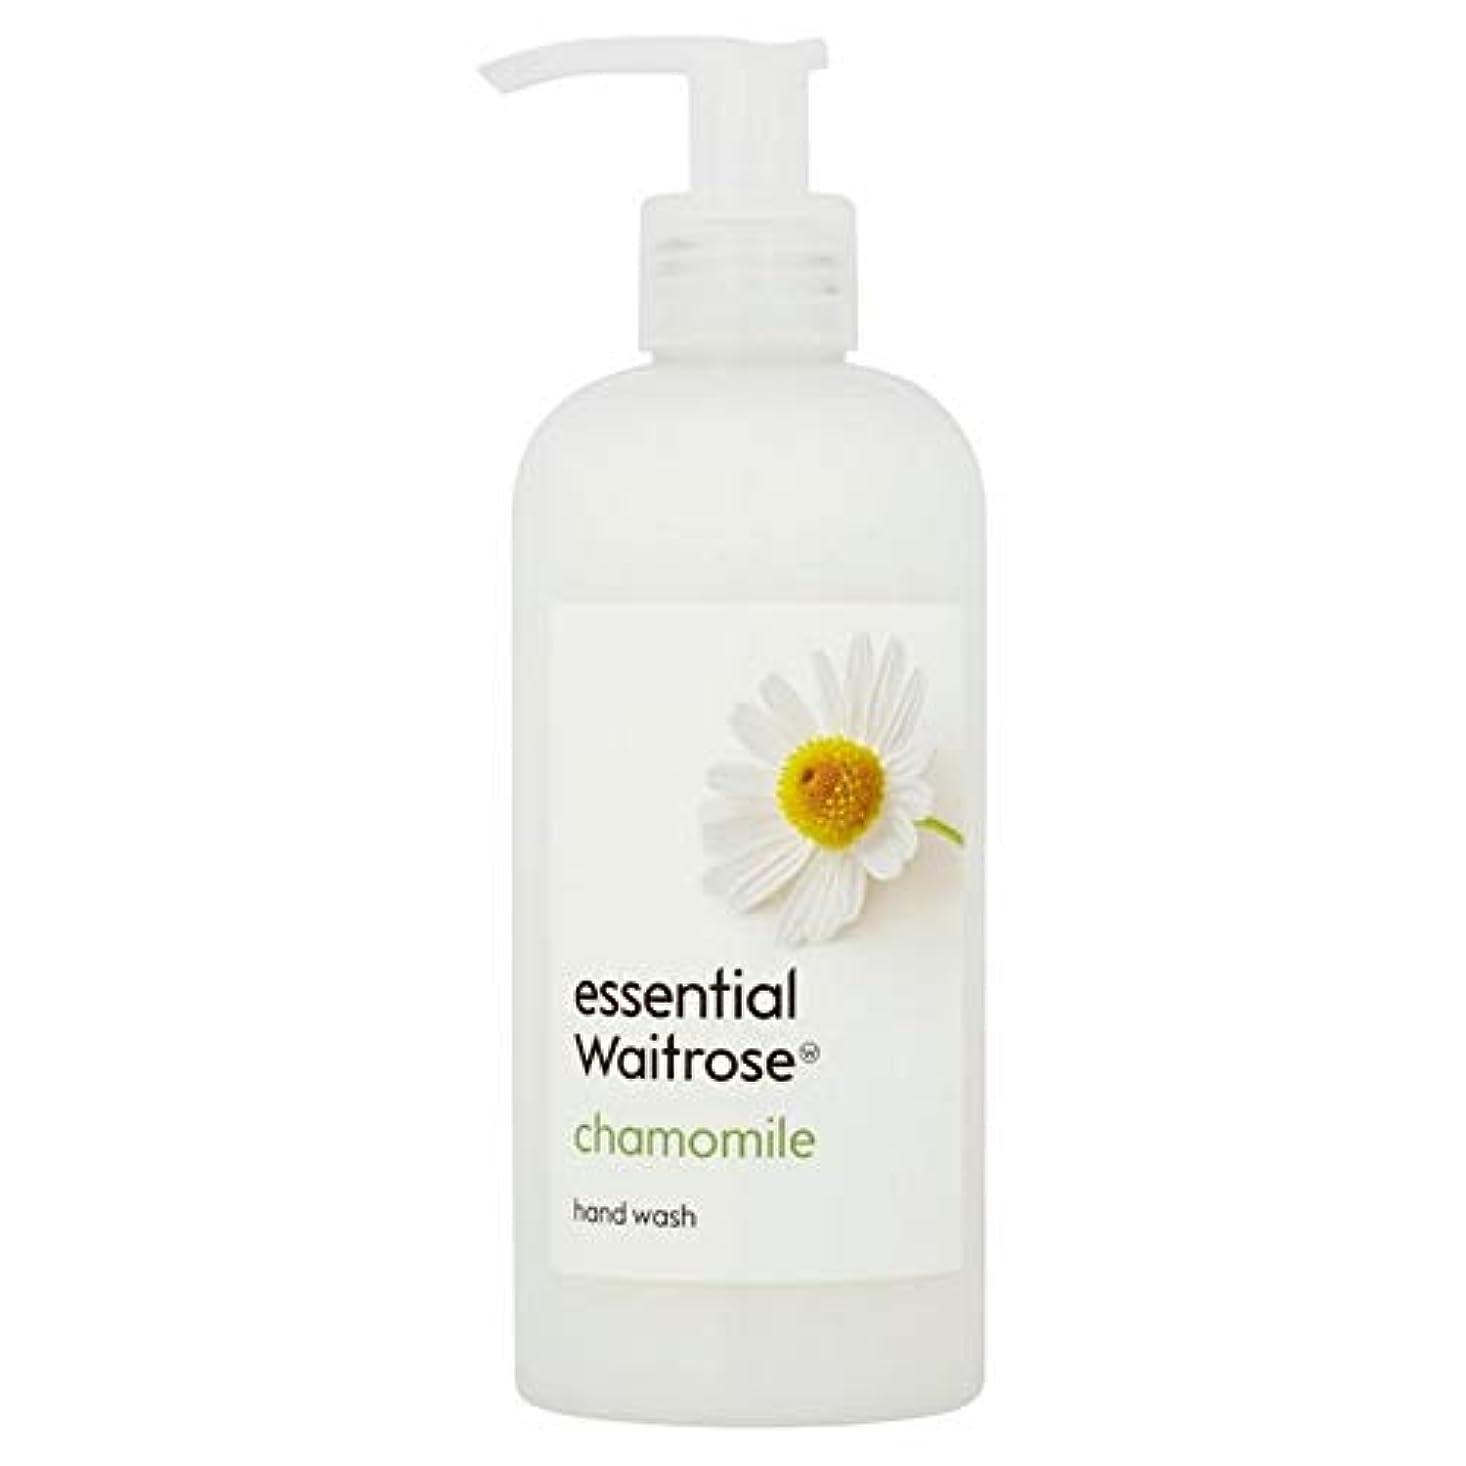 下着で出来ている上[Waitrose ] 基本的なウェイトローズのハンドウォッシュカモミール300ミリリットル - Essential Waitrose Hand Wash Chamomile 300ml [並行輸入品]